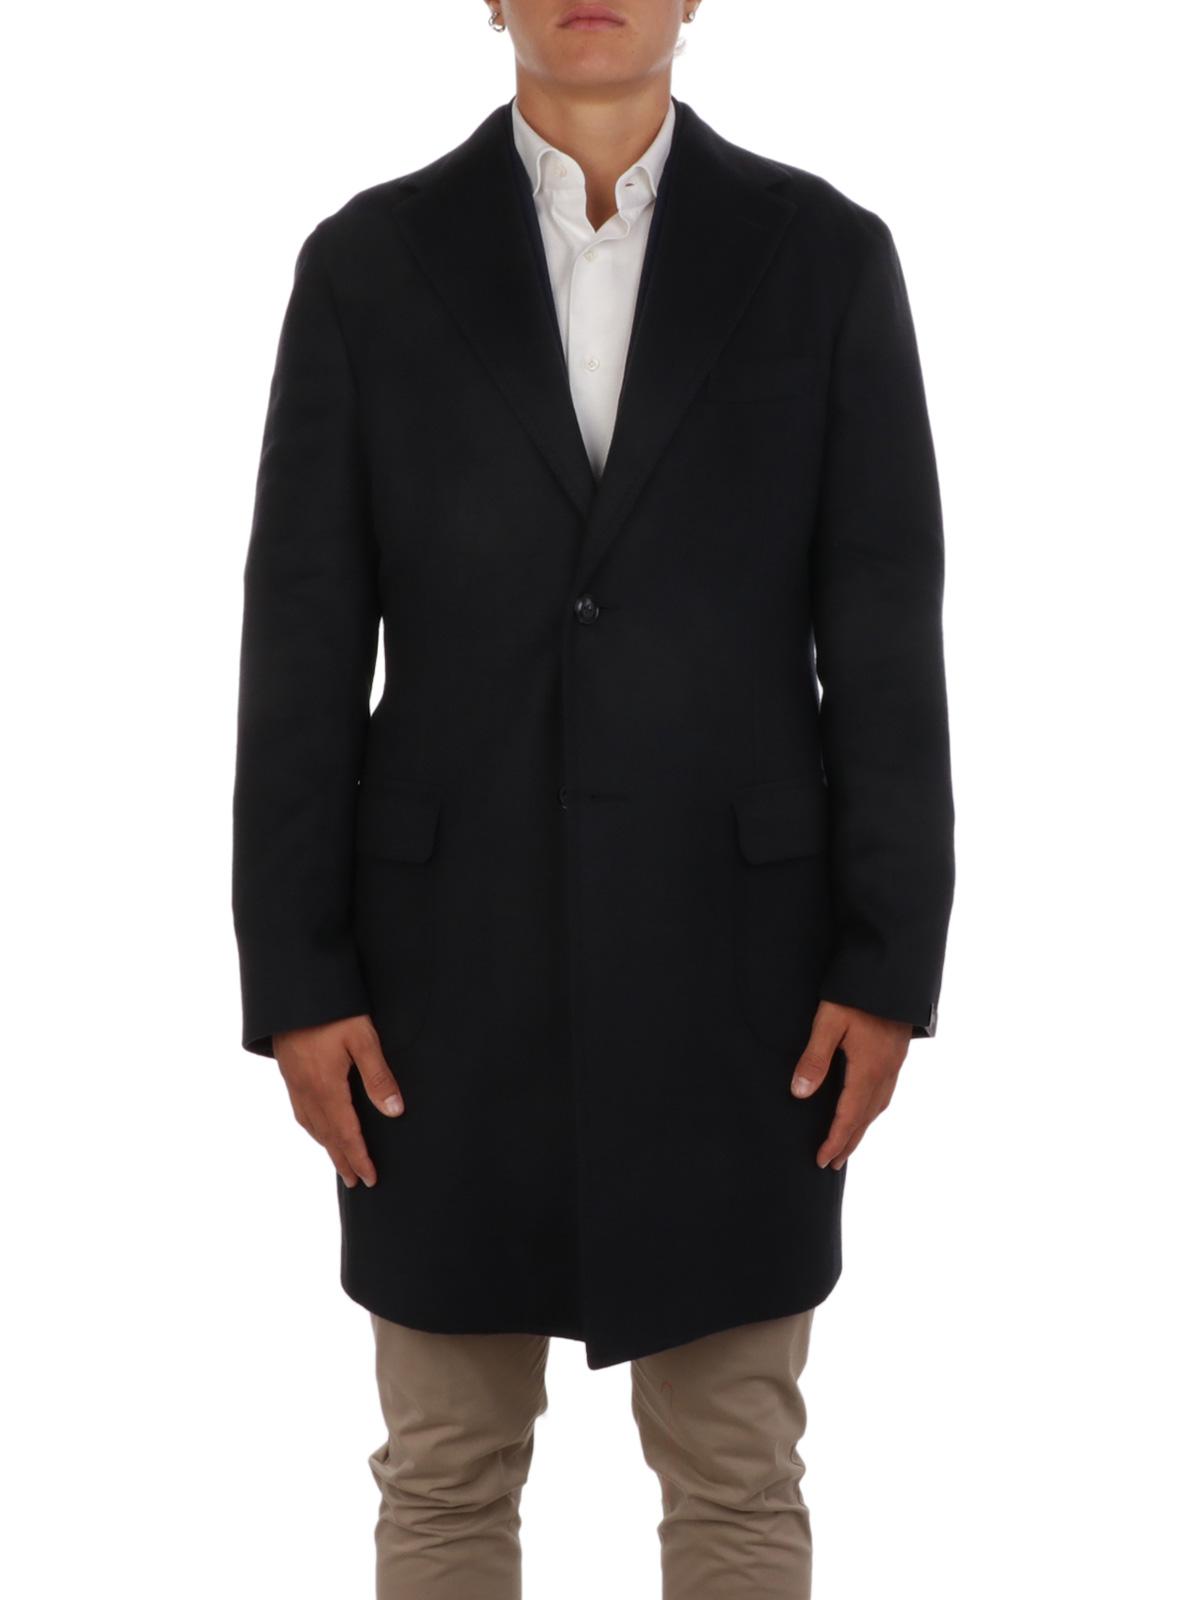 Cappotti in cashmere da uomo Outerwear in cashmere